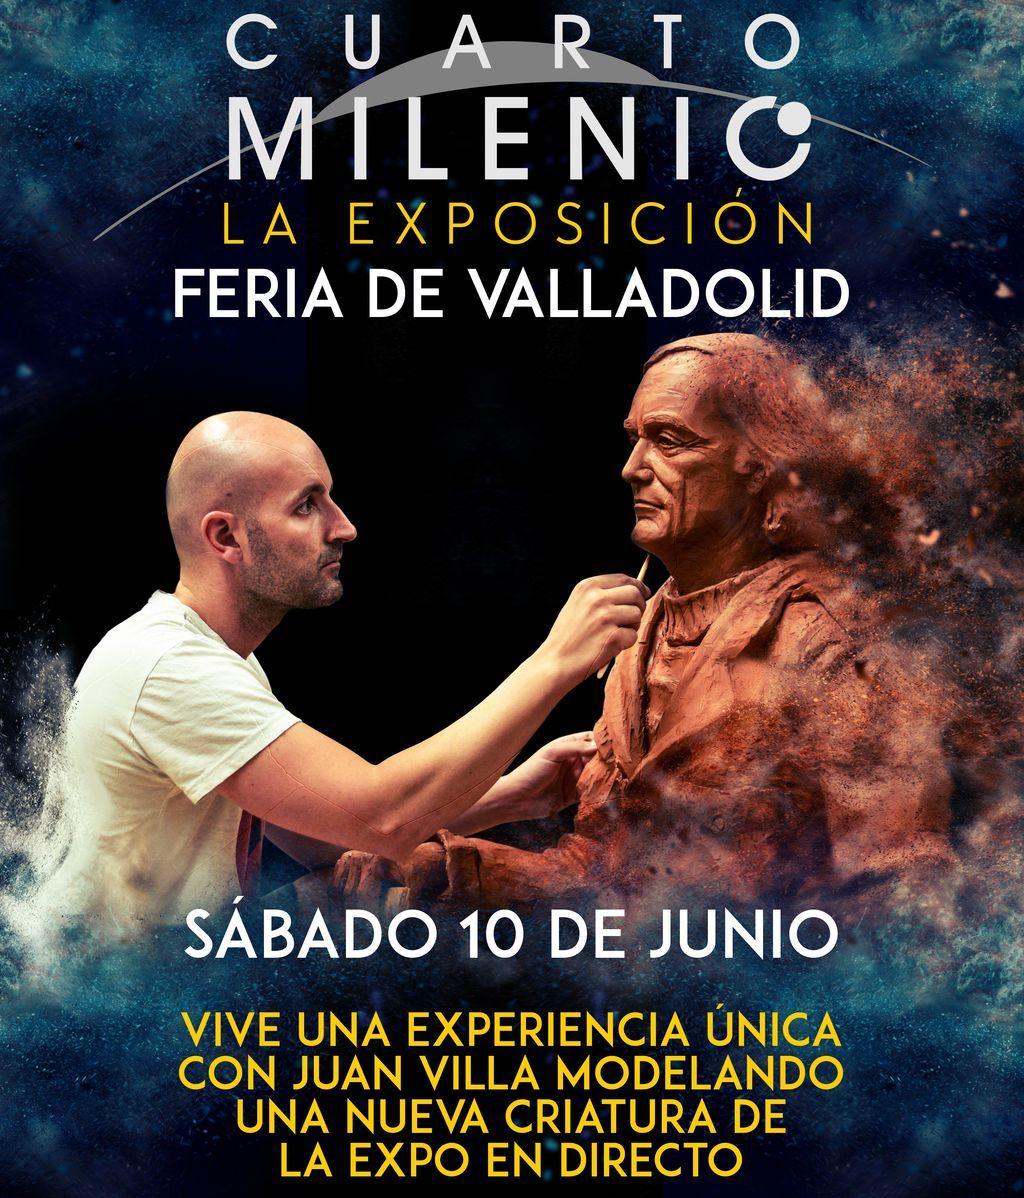 Por primera vez,  en la Exposición de Cuarto Milenio de Valladolid, Juan Villa modelará una escultura en directo